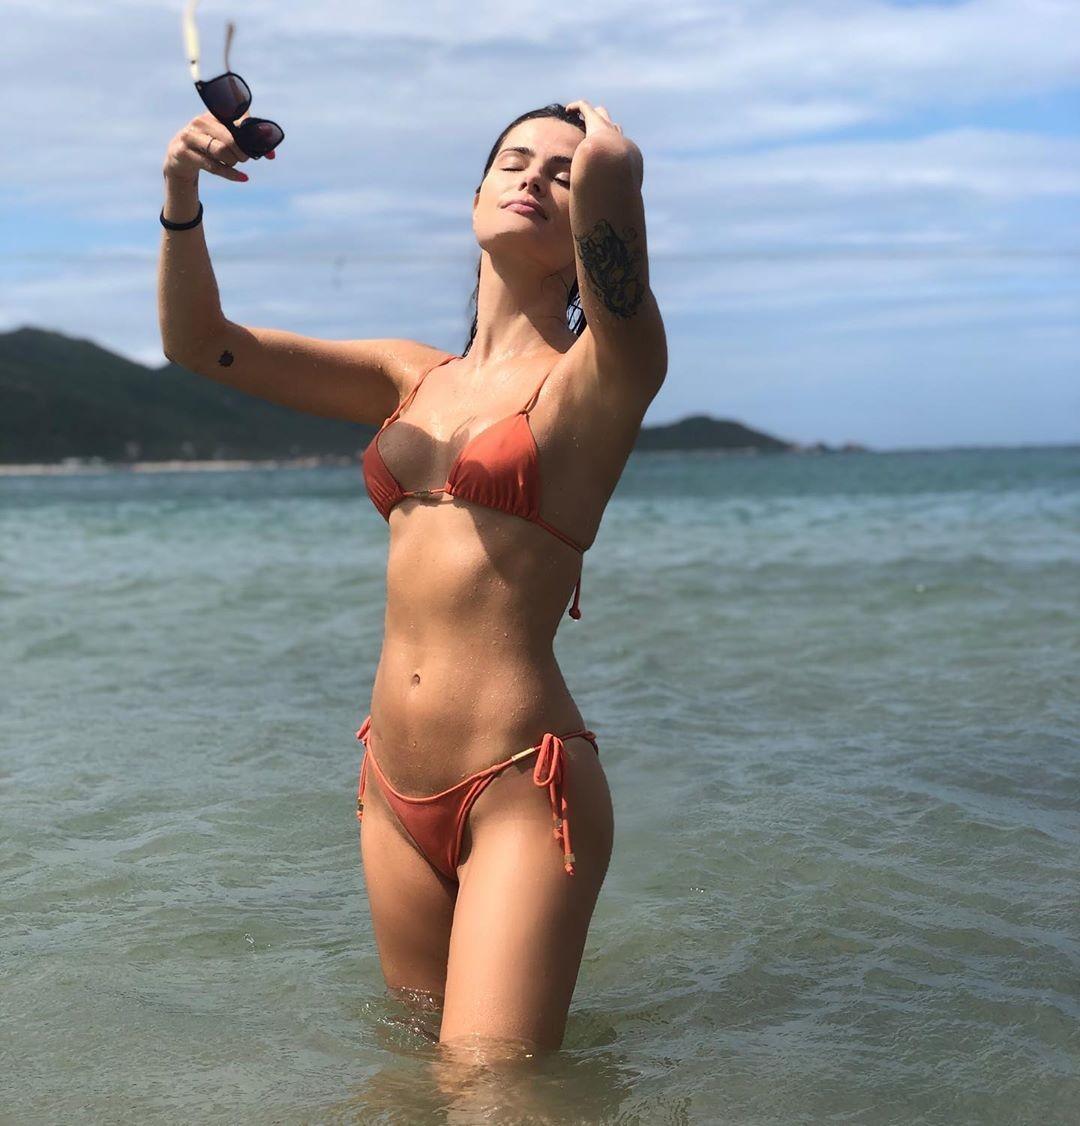 Isabeli Fontana surge de biquíni em clique no mar e filosofa - Vogue | celebridade